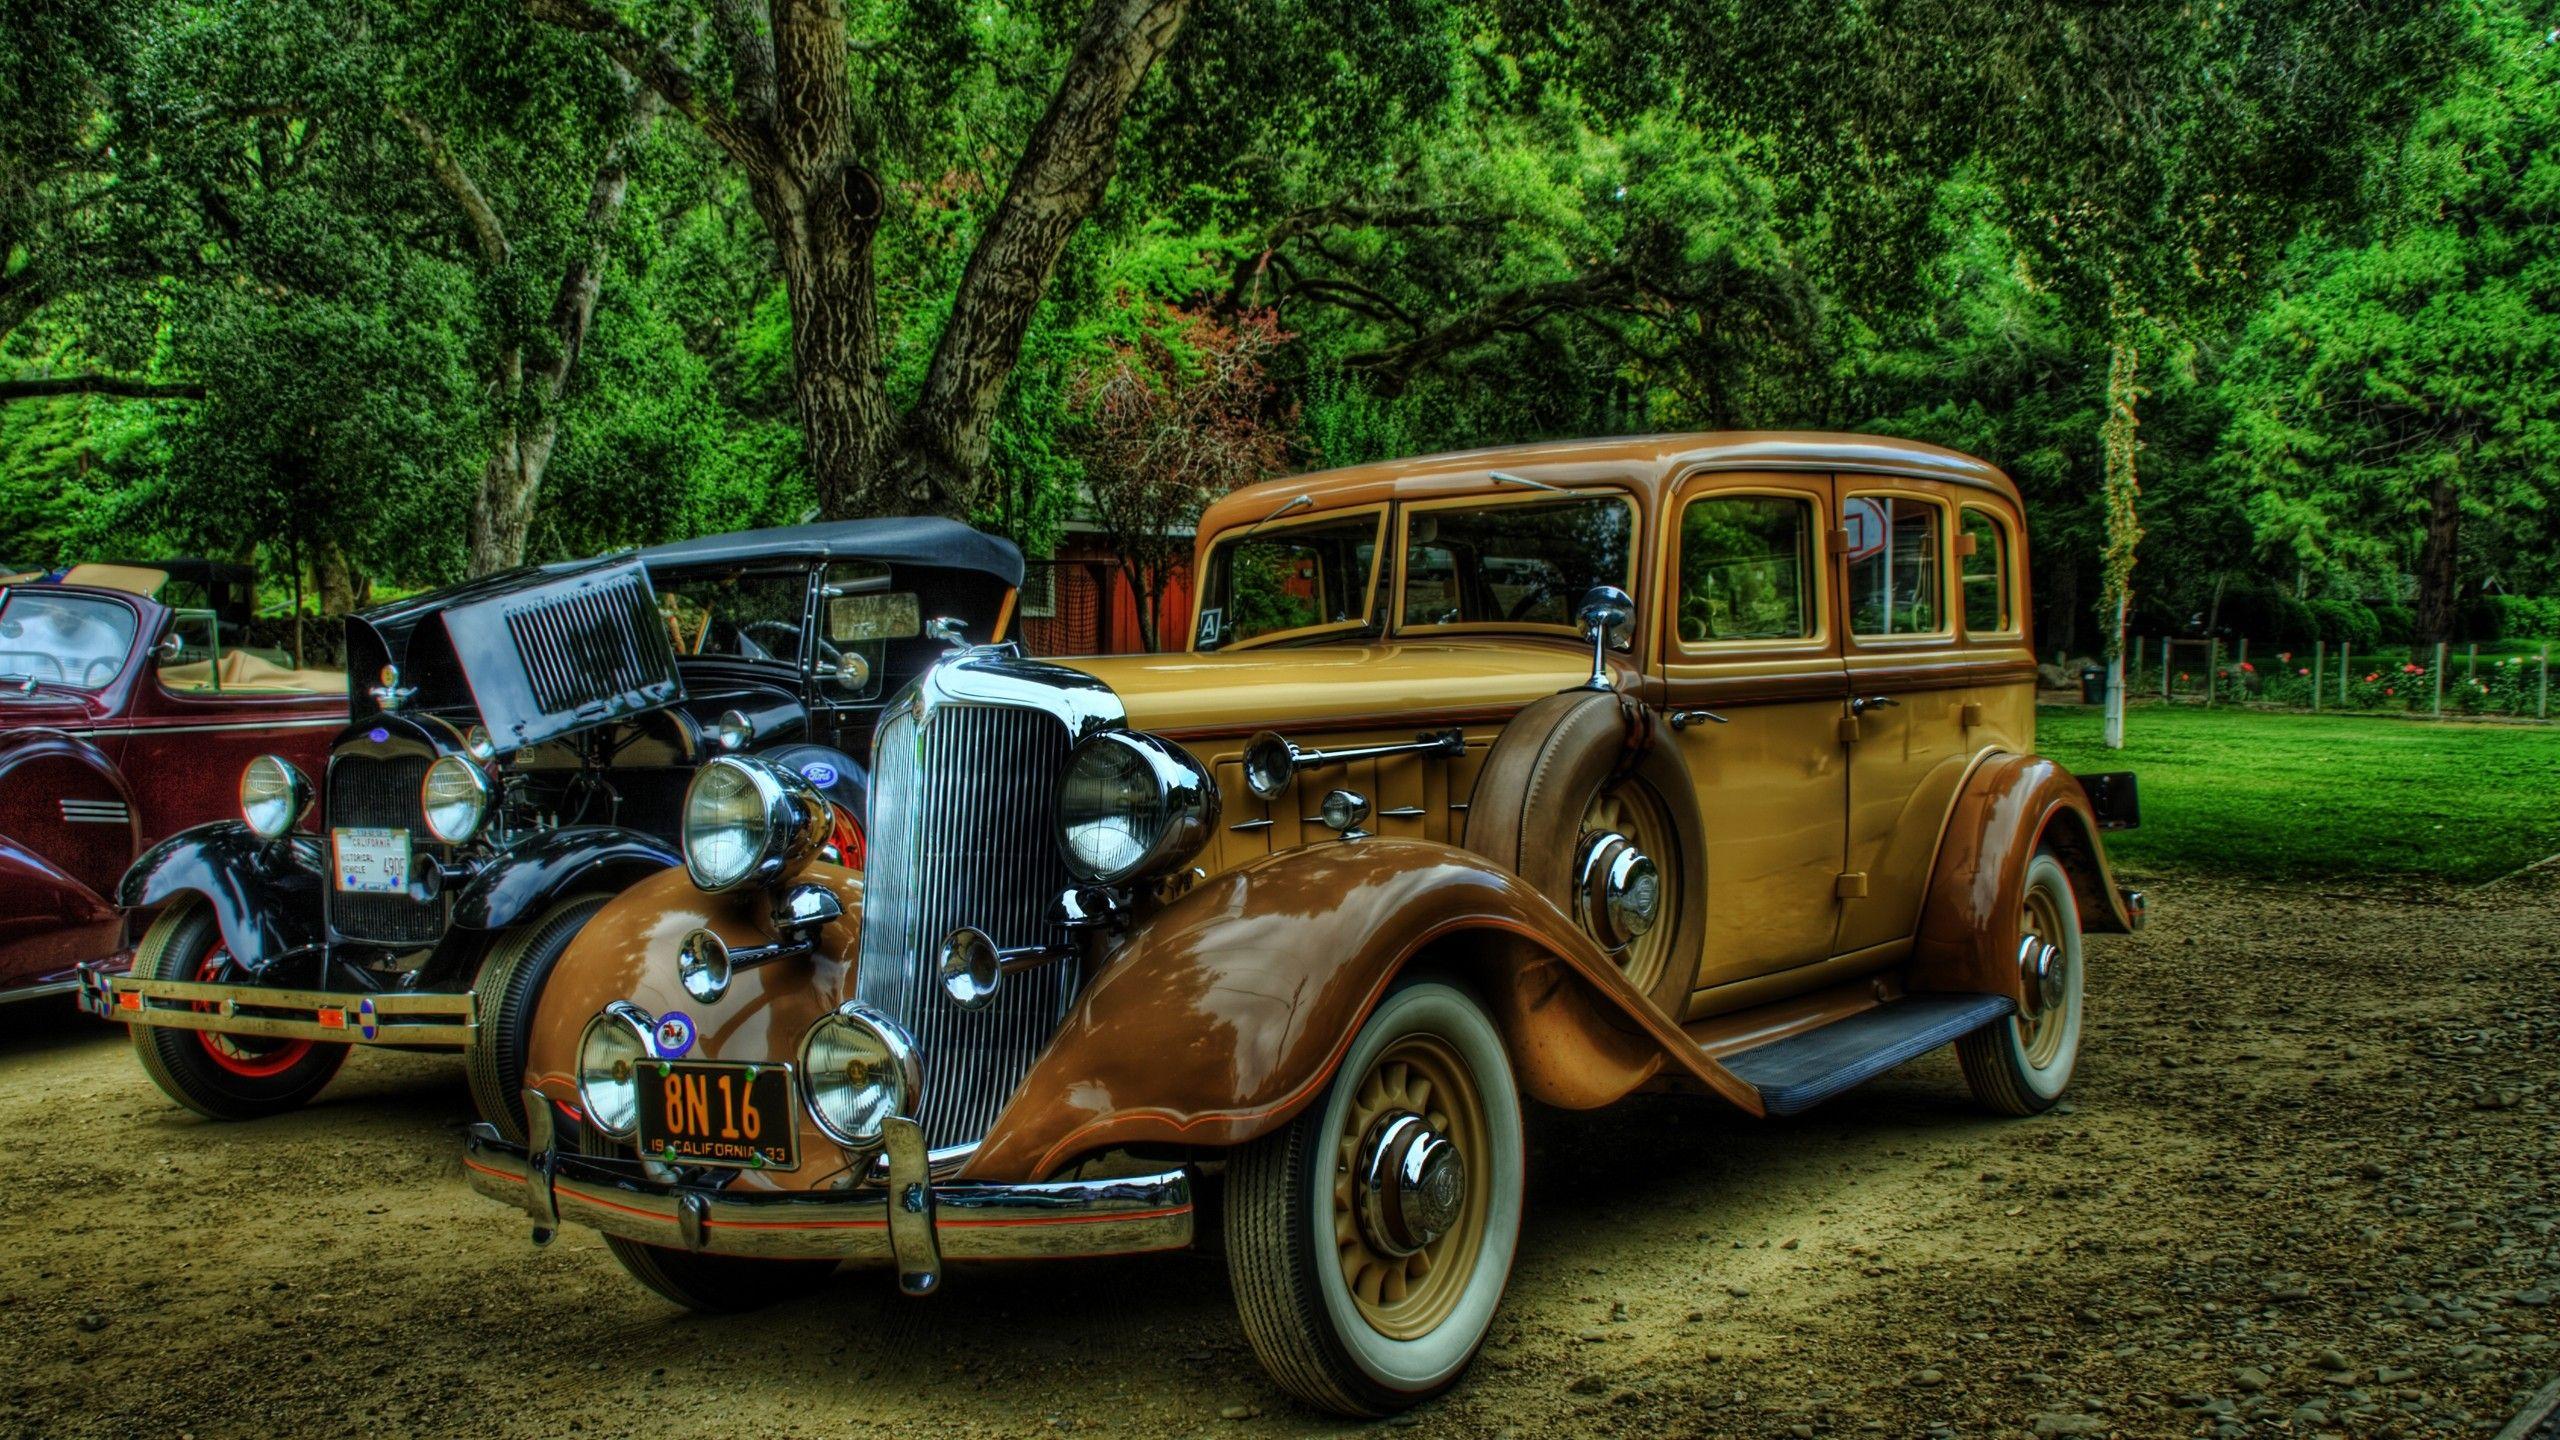 Vintage Car Wallpaper No Parking Pinterest Cars Vintage and